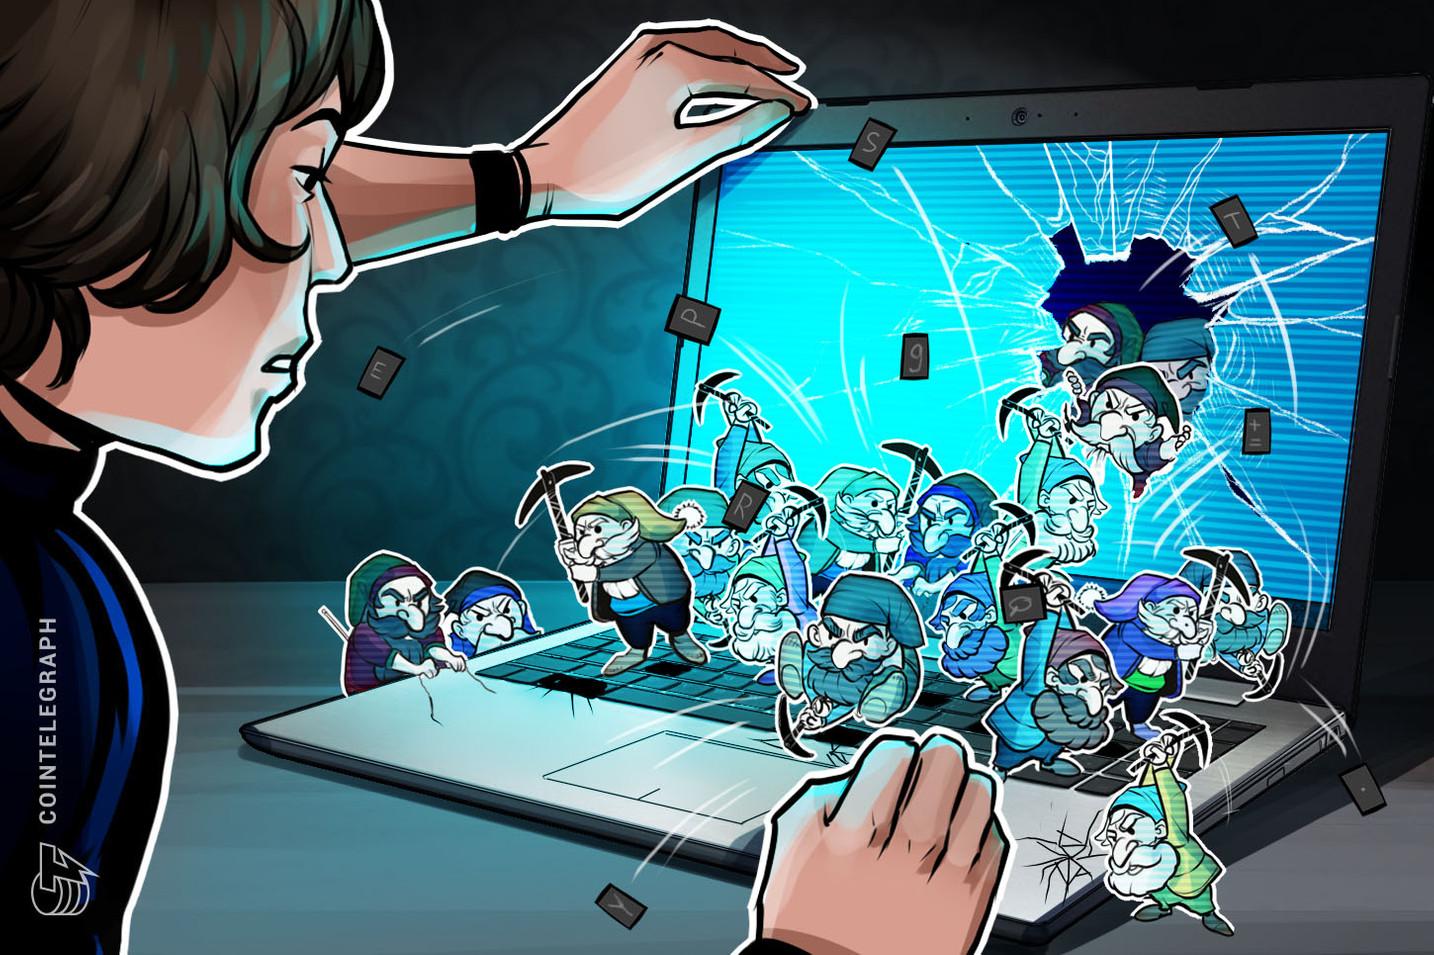 Estudo de malware afirma que criminosos mineraram 4,4% do Monero, menos do que se pensava anteriormente